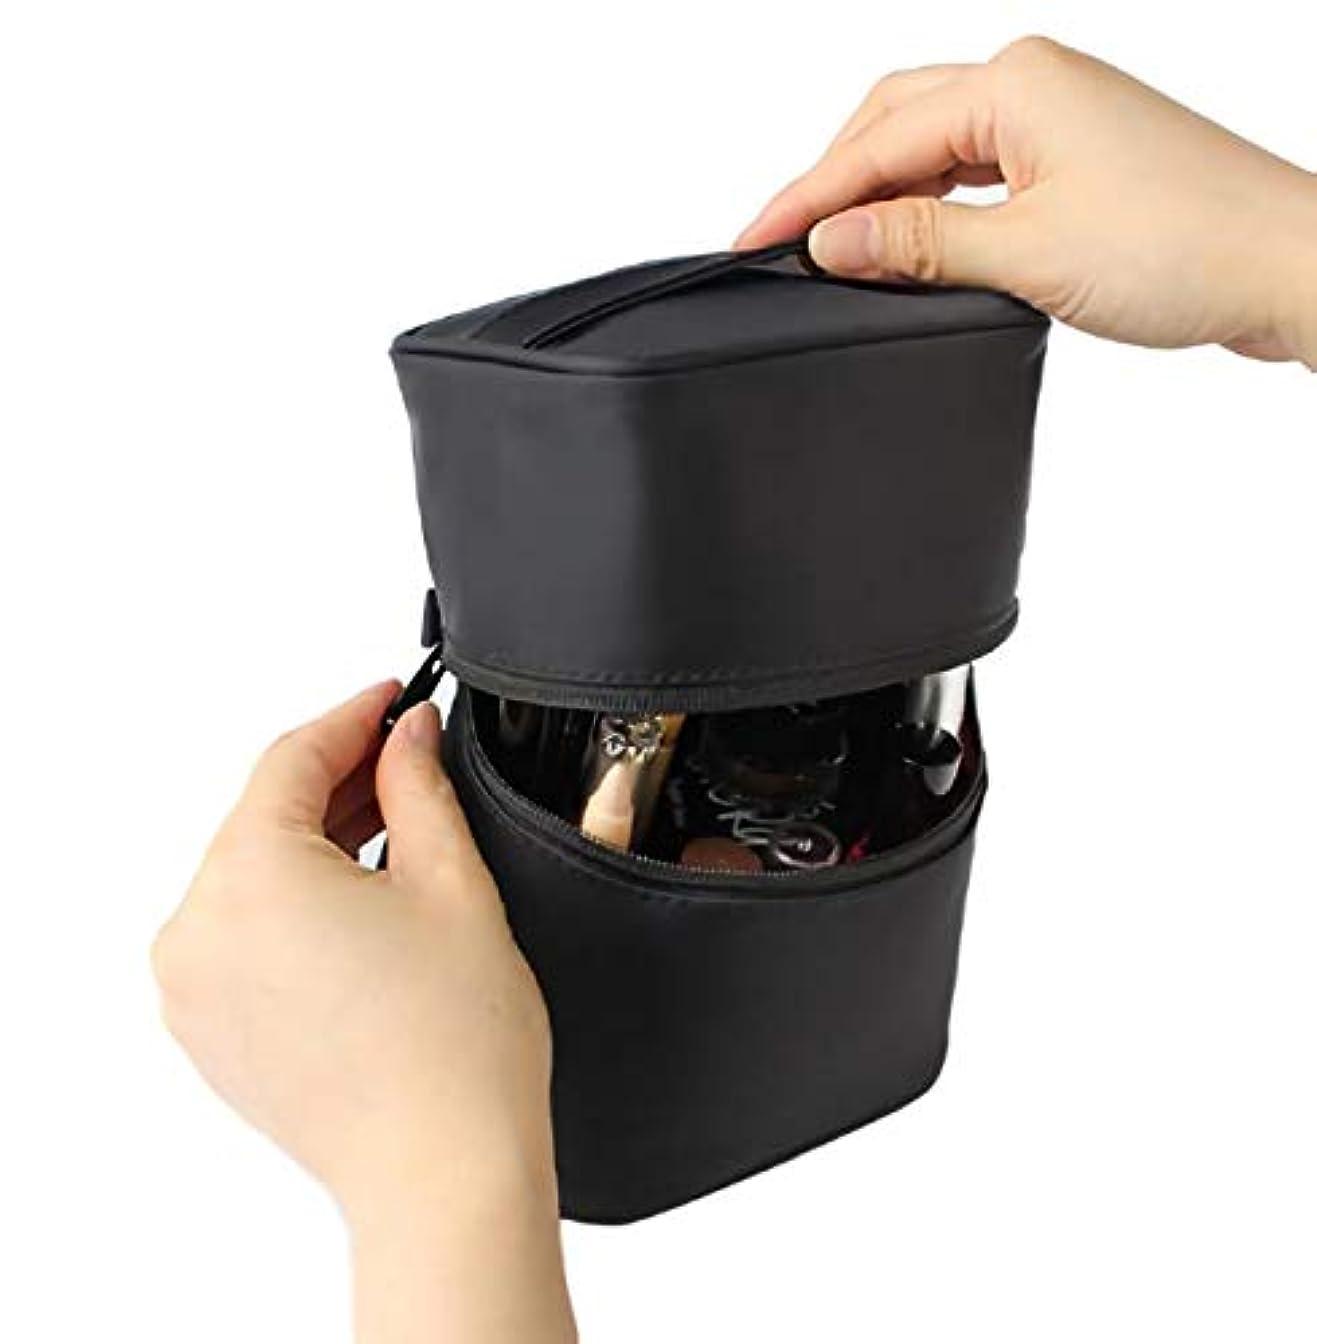 モチーフ真向こうメタリック[ウレギッシュ] コスメボックス 化粧ポーチ コンパクト 仕分け 収納 縦型 メイク バニティーケース 大容量 (ブラック)